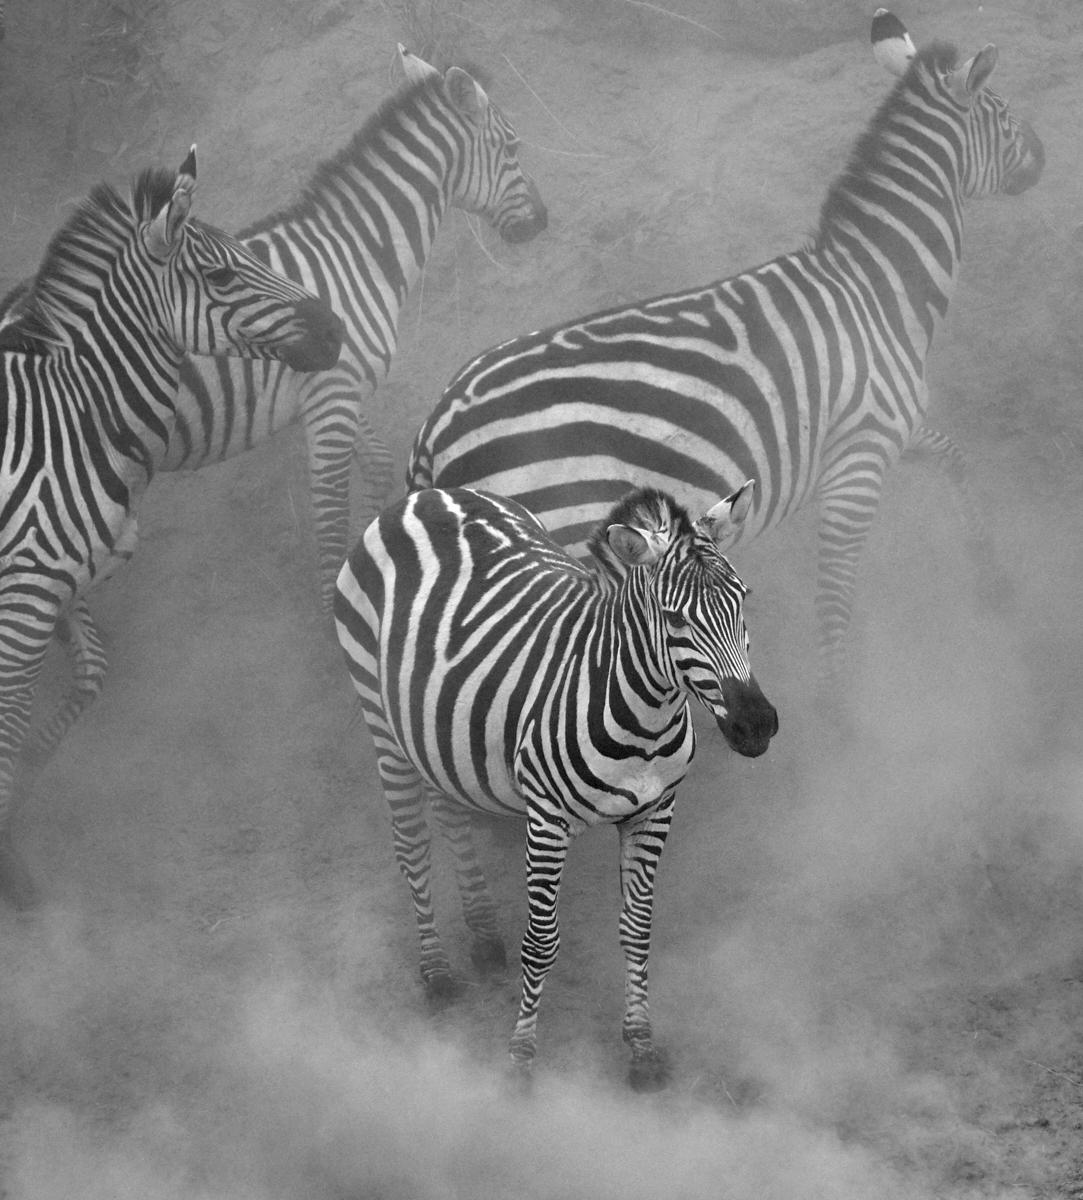 Zebra in the dust mono 1600x1200 sRGB.jpg